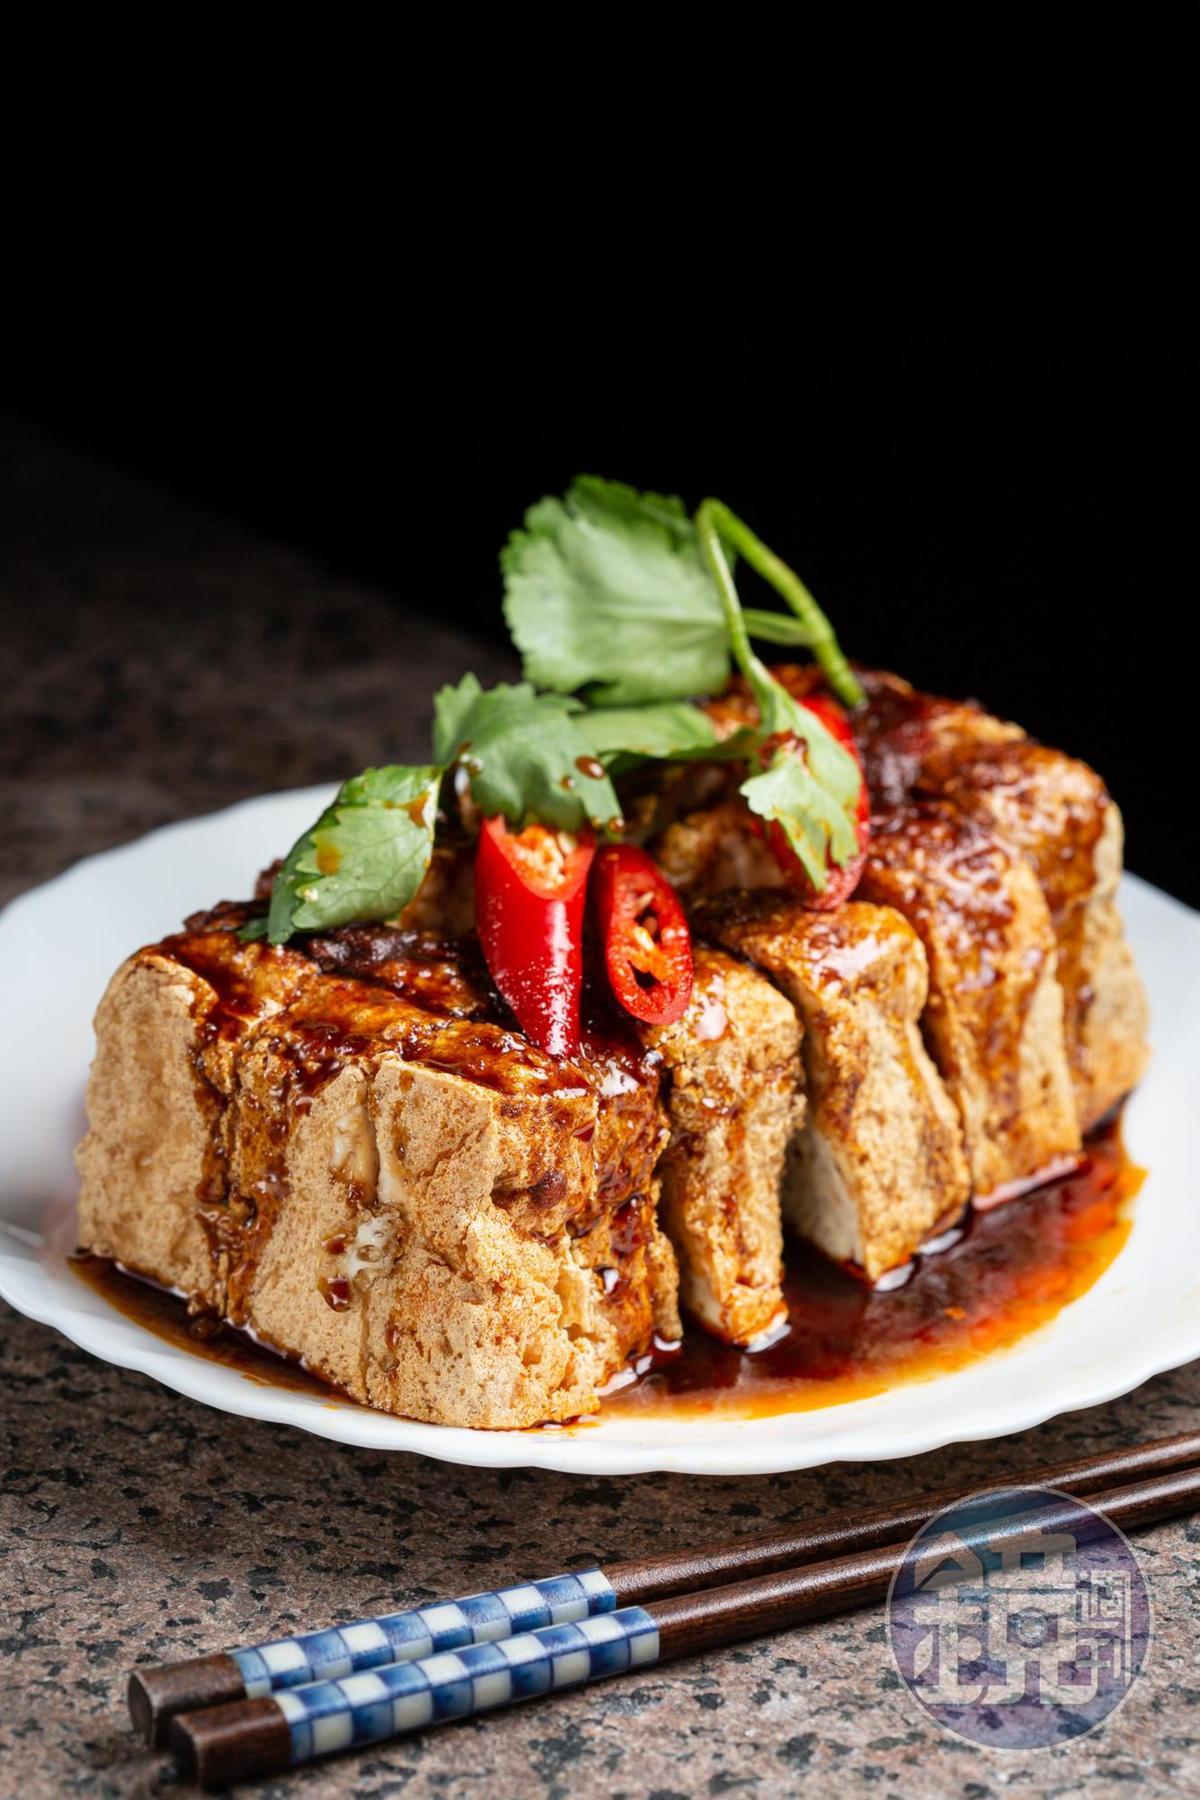 「臭豆腐」外皮酥脆、裡頭柔嫩,特調醬滋味甜鹹涮嘴,加點朝天椒辣油,香氣破表。(70元/份)